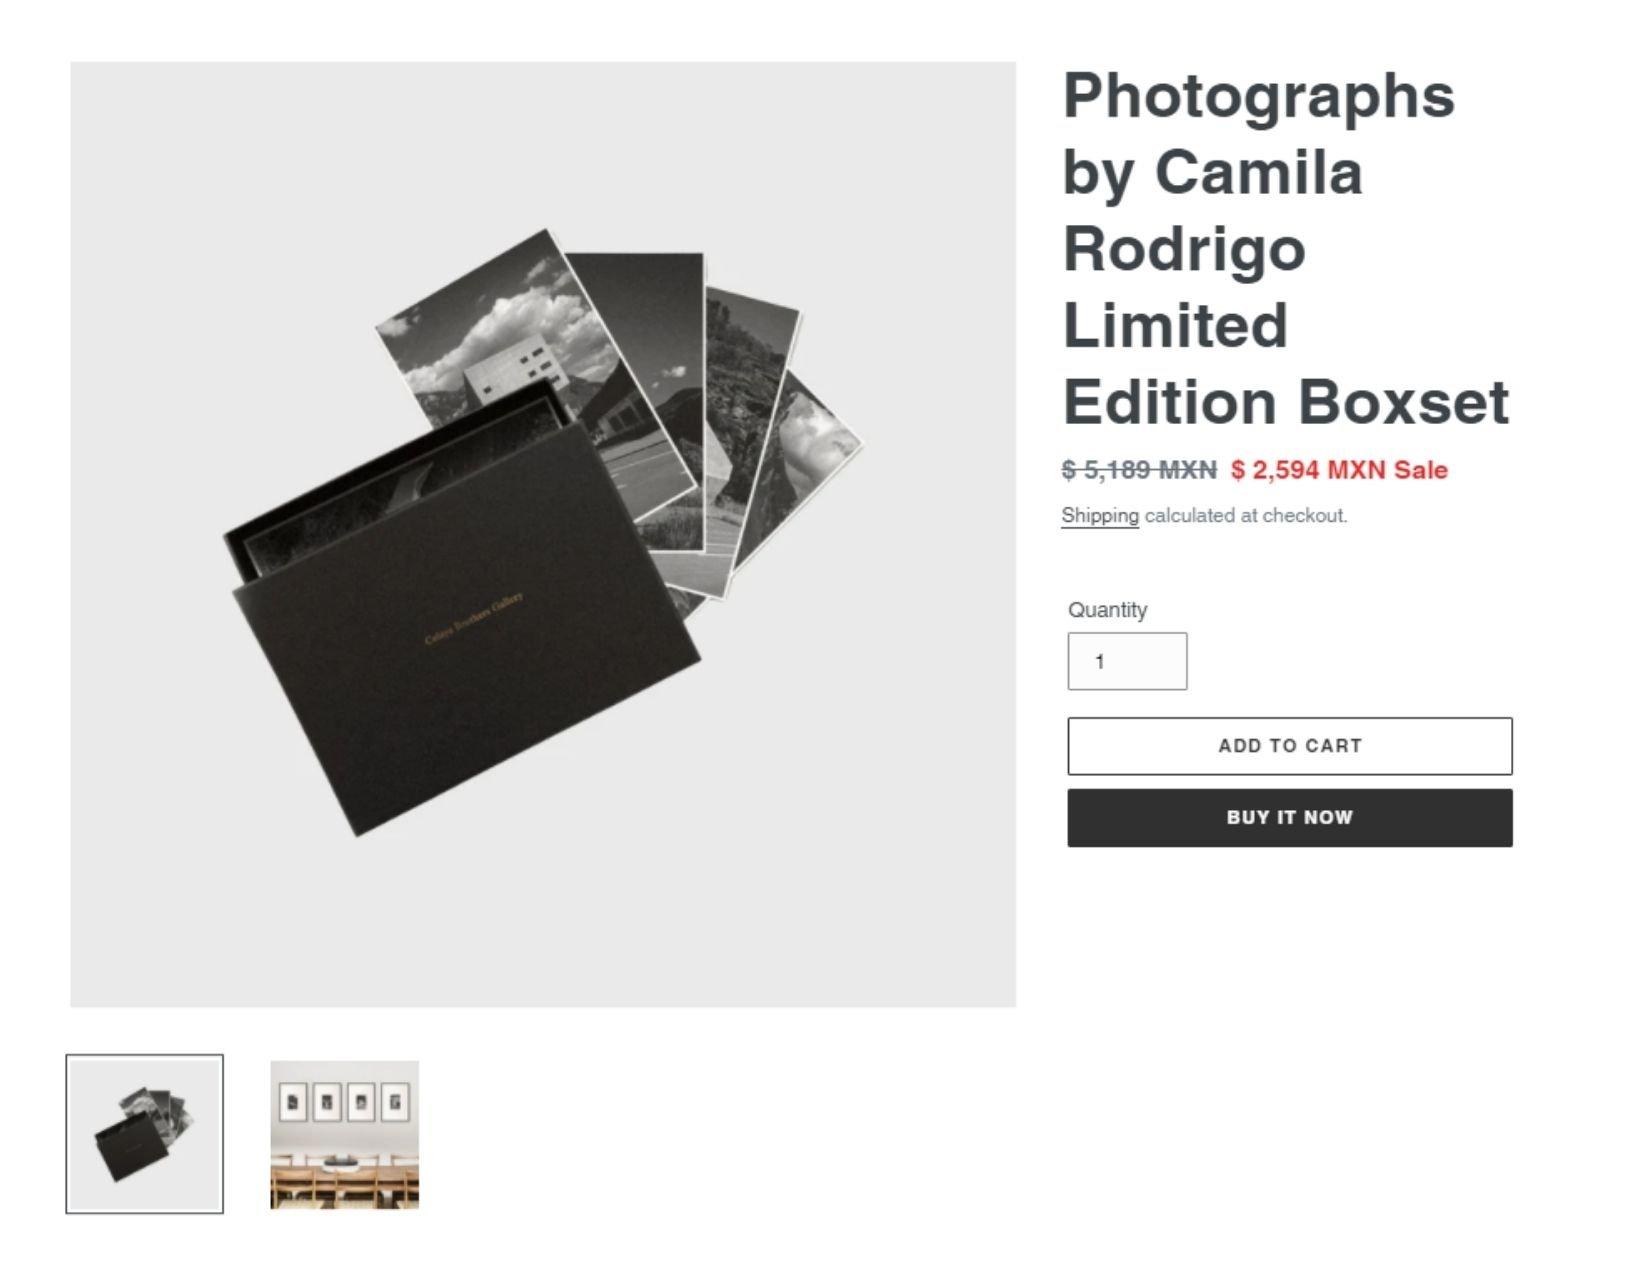 Fotografías en blanco y negro de Camila Rodrigo | Descuentos para el Buen Fin 2020